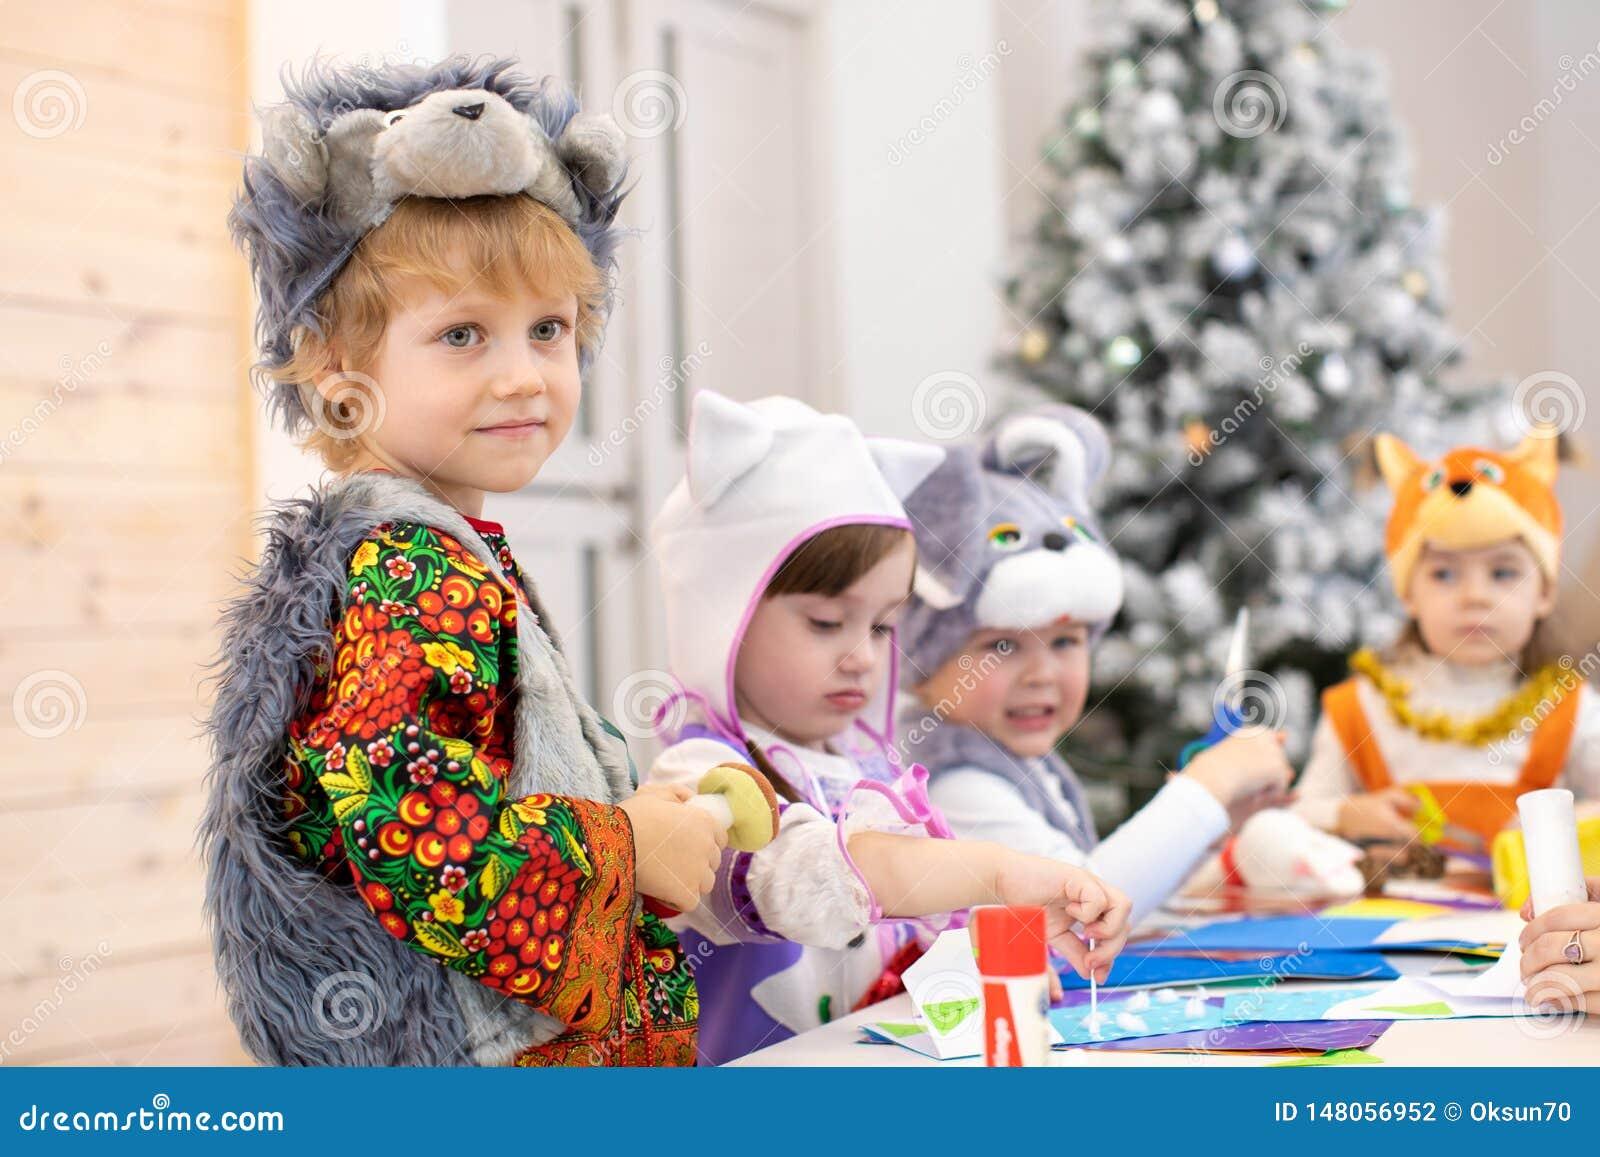 在孩子的儿童手工棍打 工艺教训在小学 孩子男孩朋友一起weared动物服装